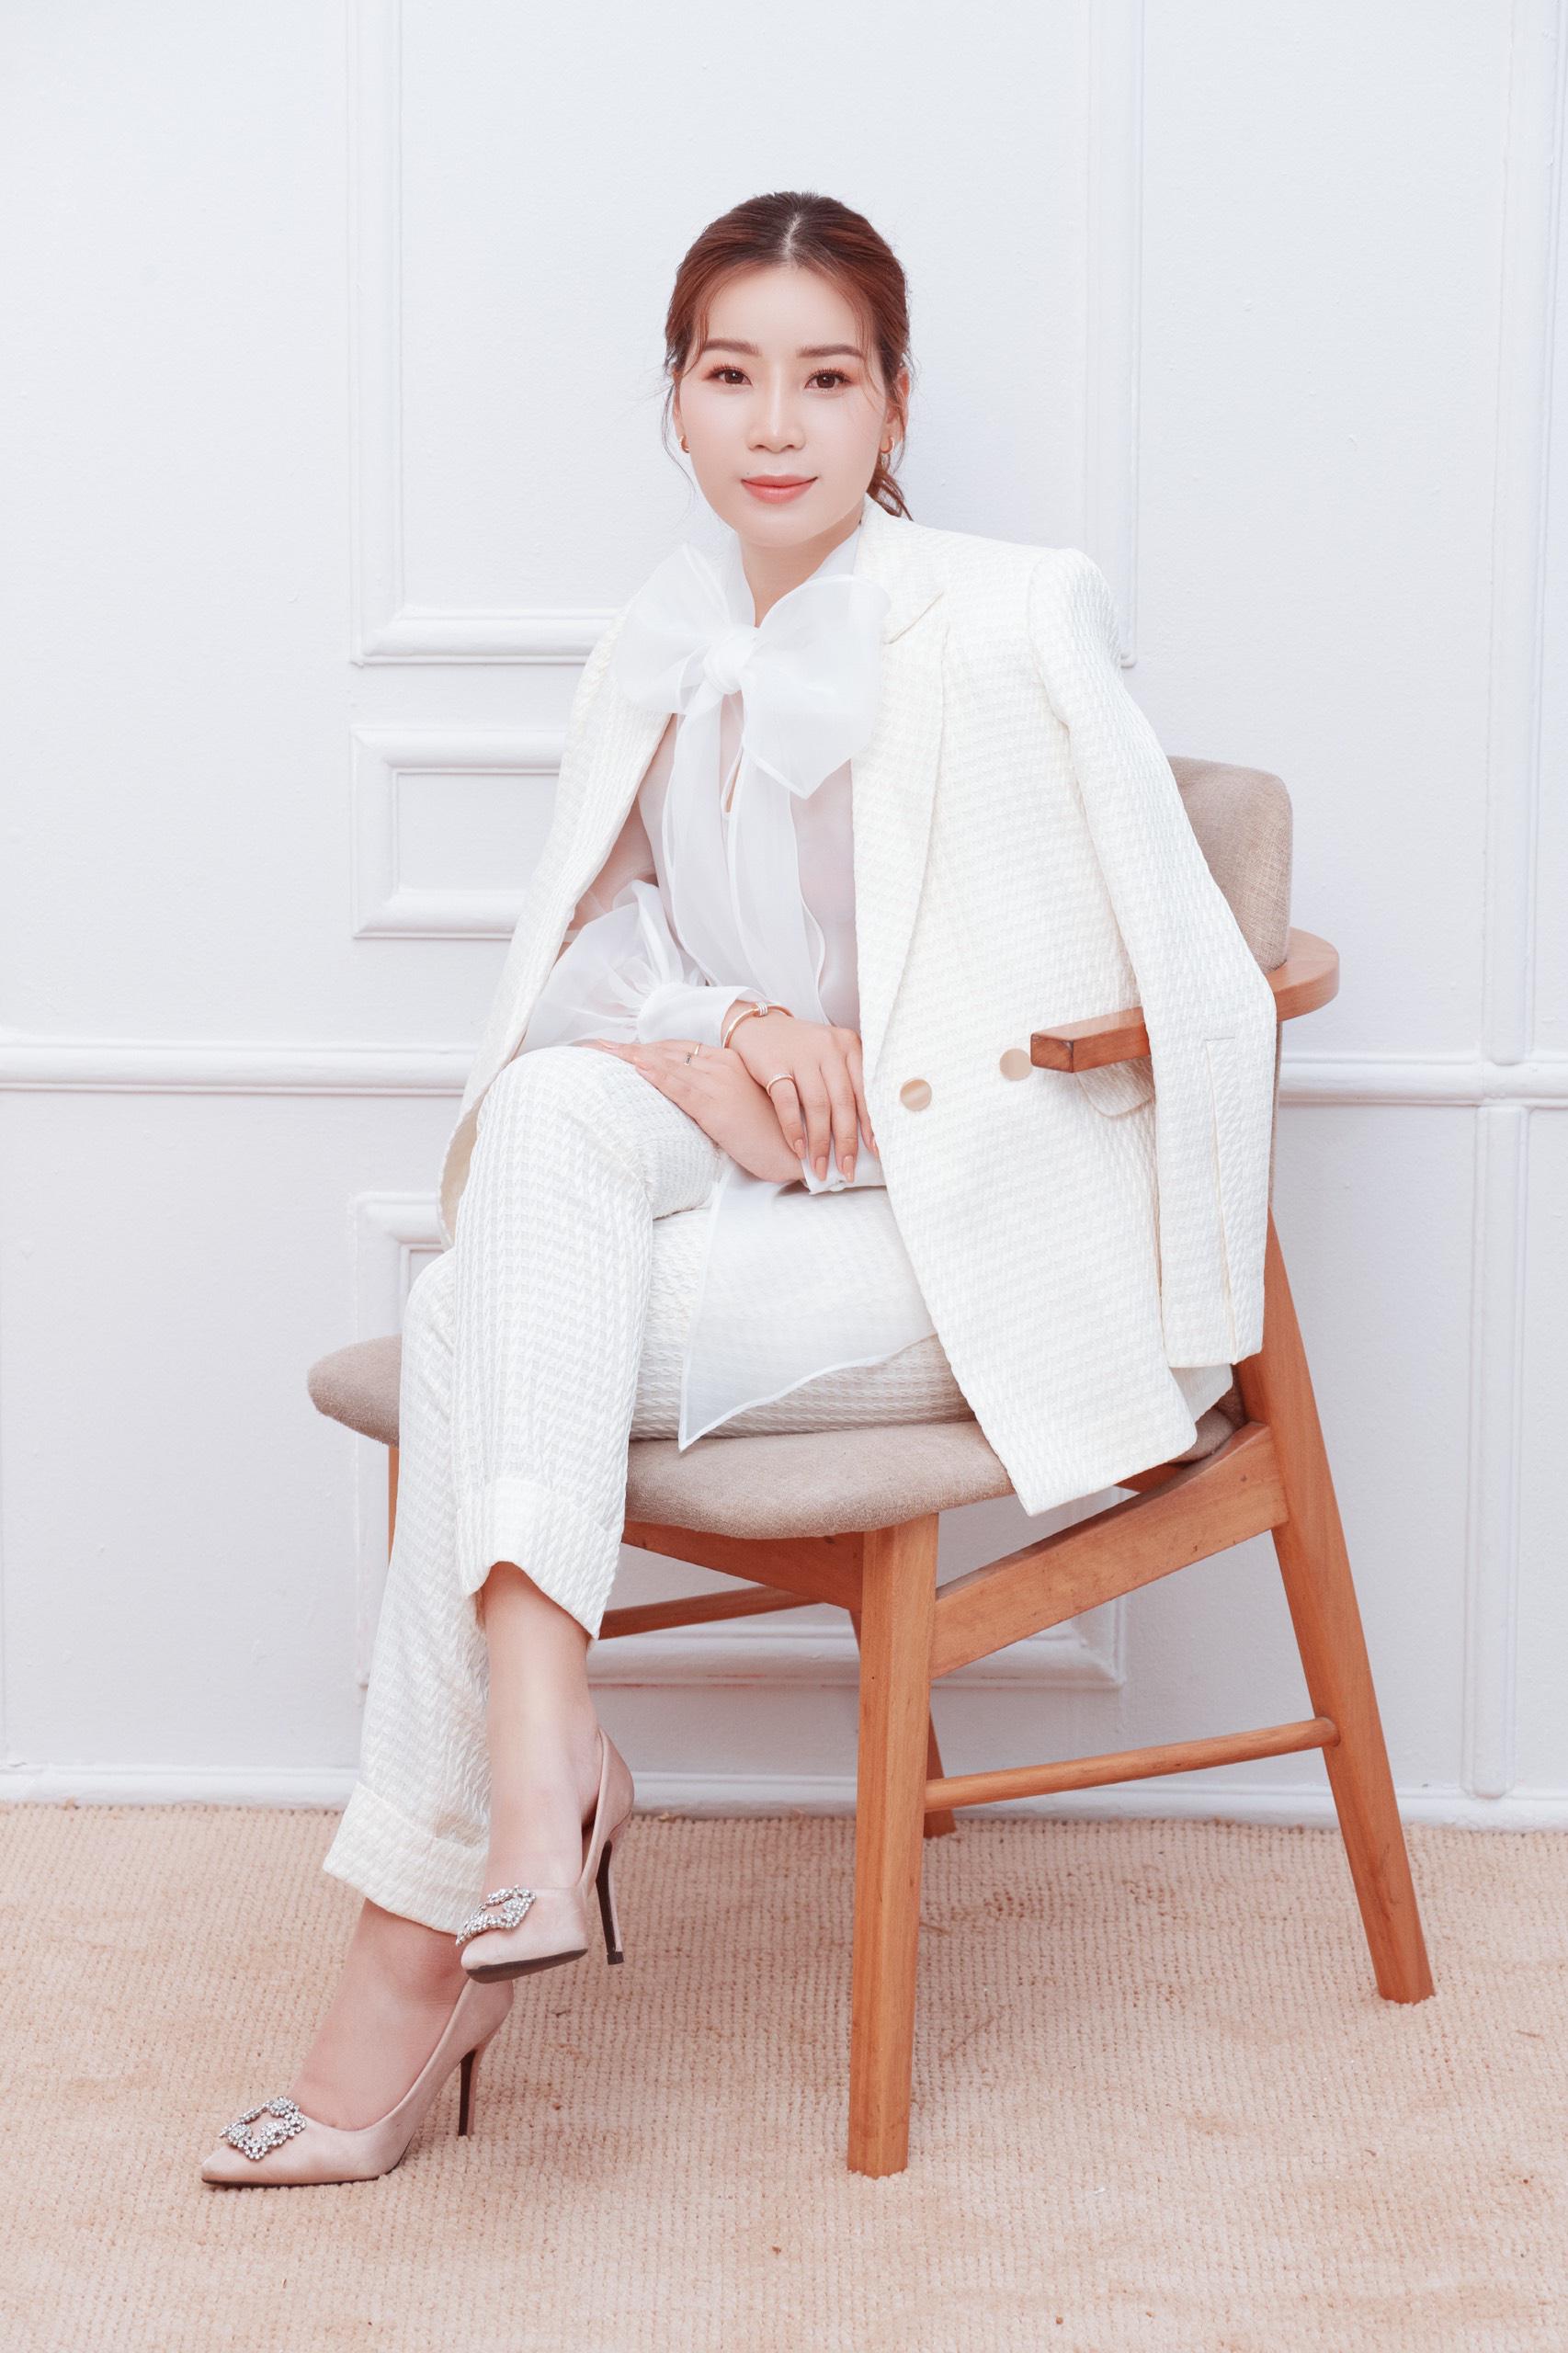 """Bật mí bí quyết """"sinh tồn"""" ở Hàn Quốc của nữ doanh nhân trẻ - Ảnh 4."""